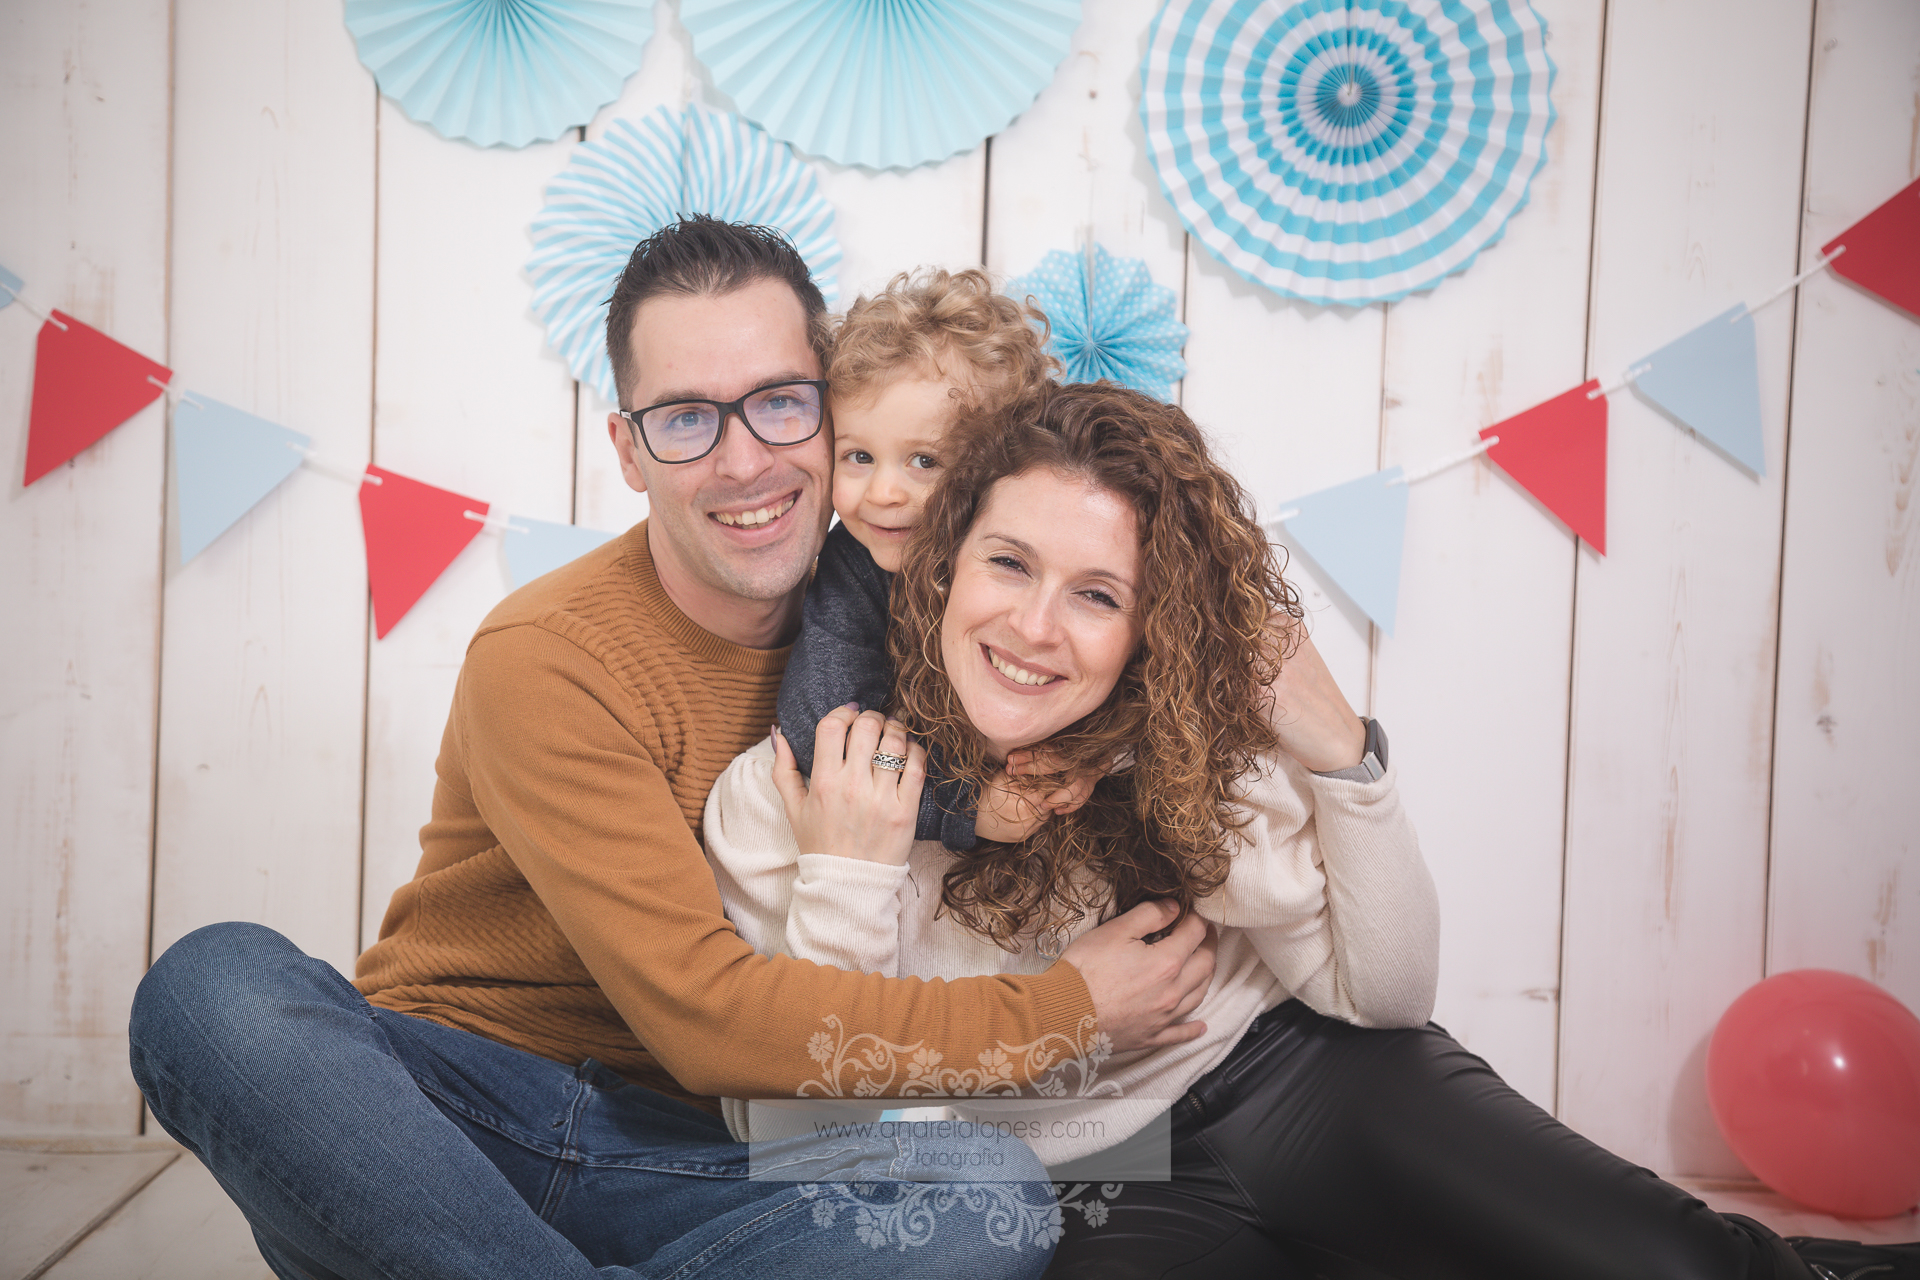 Sessão Fotográfica de família em estúdio - Loulé /Algarve